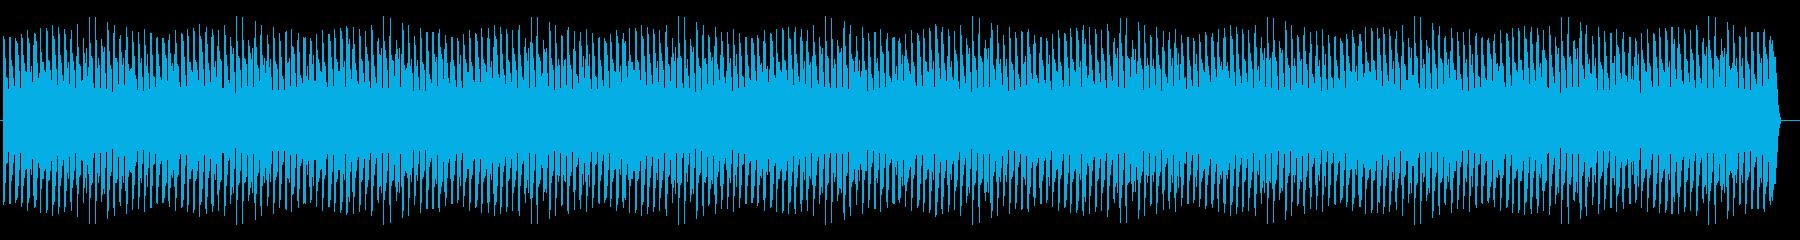 【無限音階】下がり続ける音 緊張感・不安の再生済みの波形